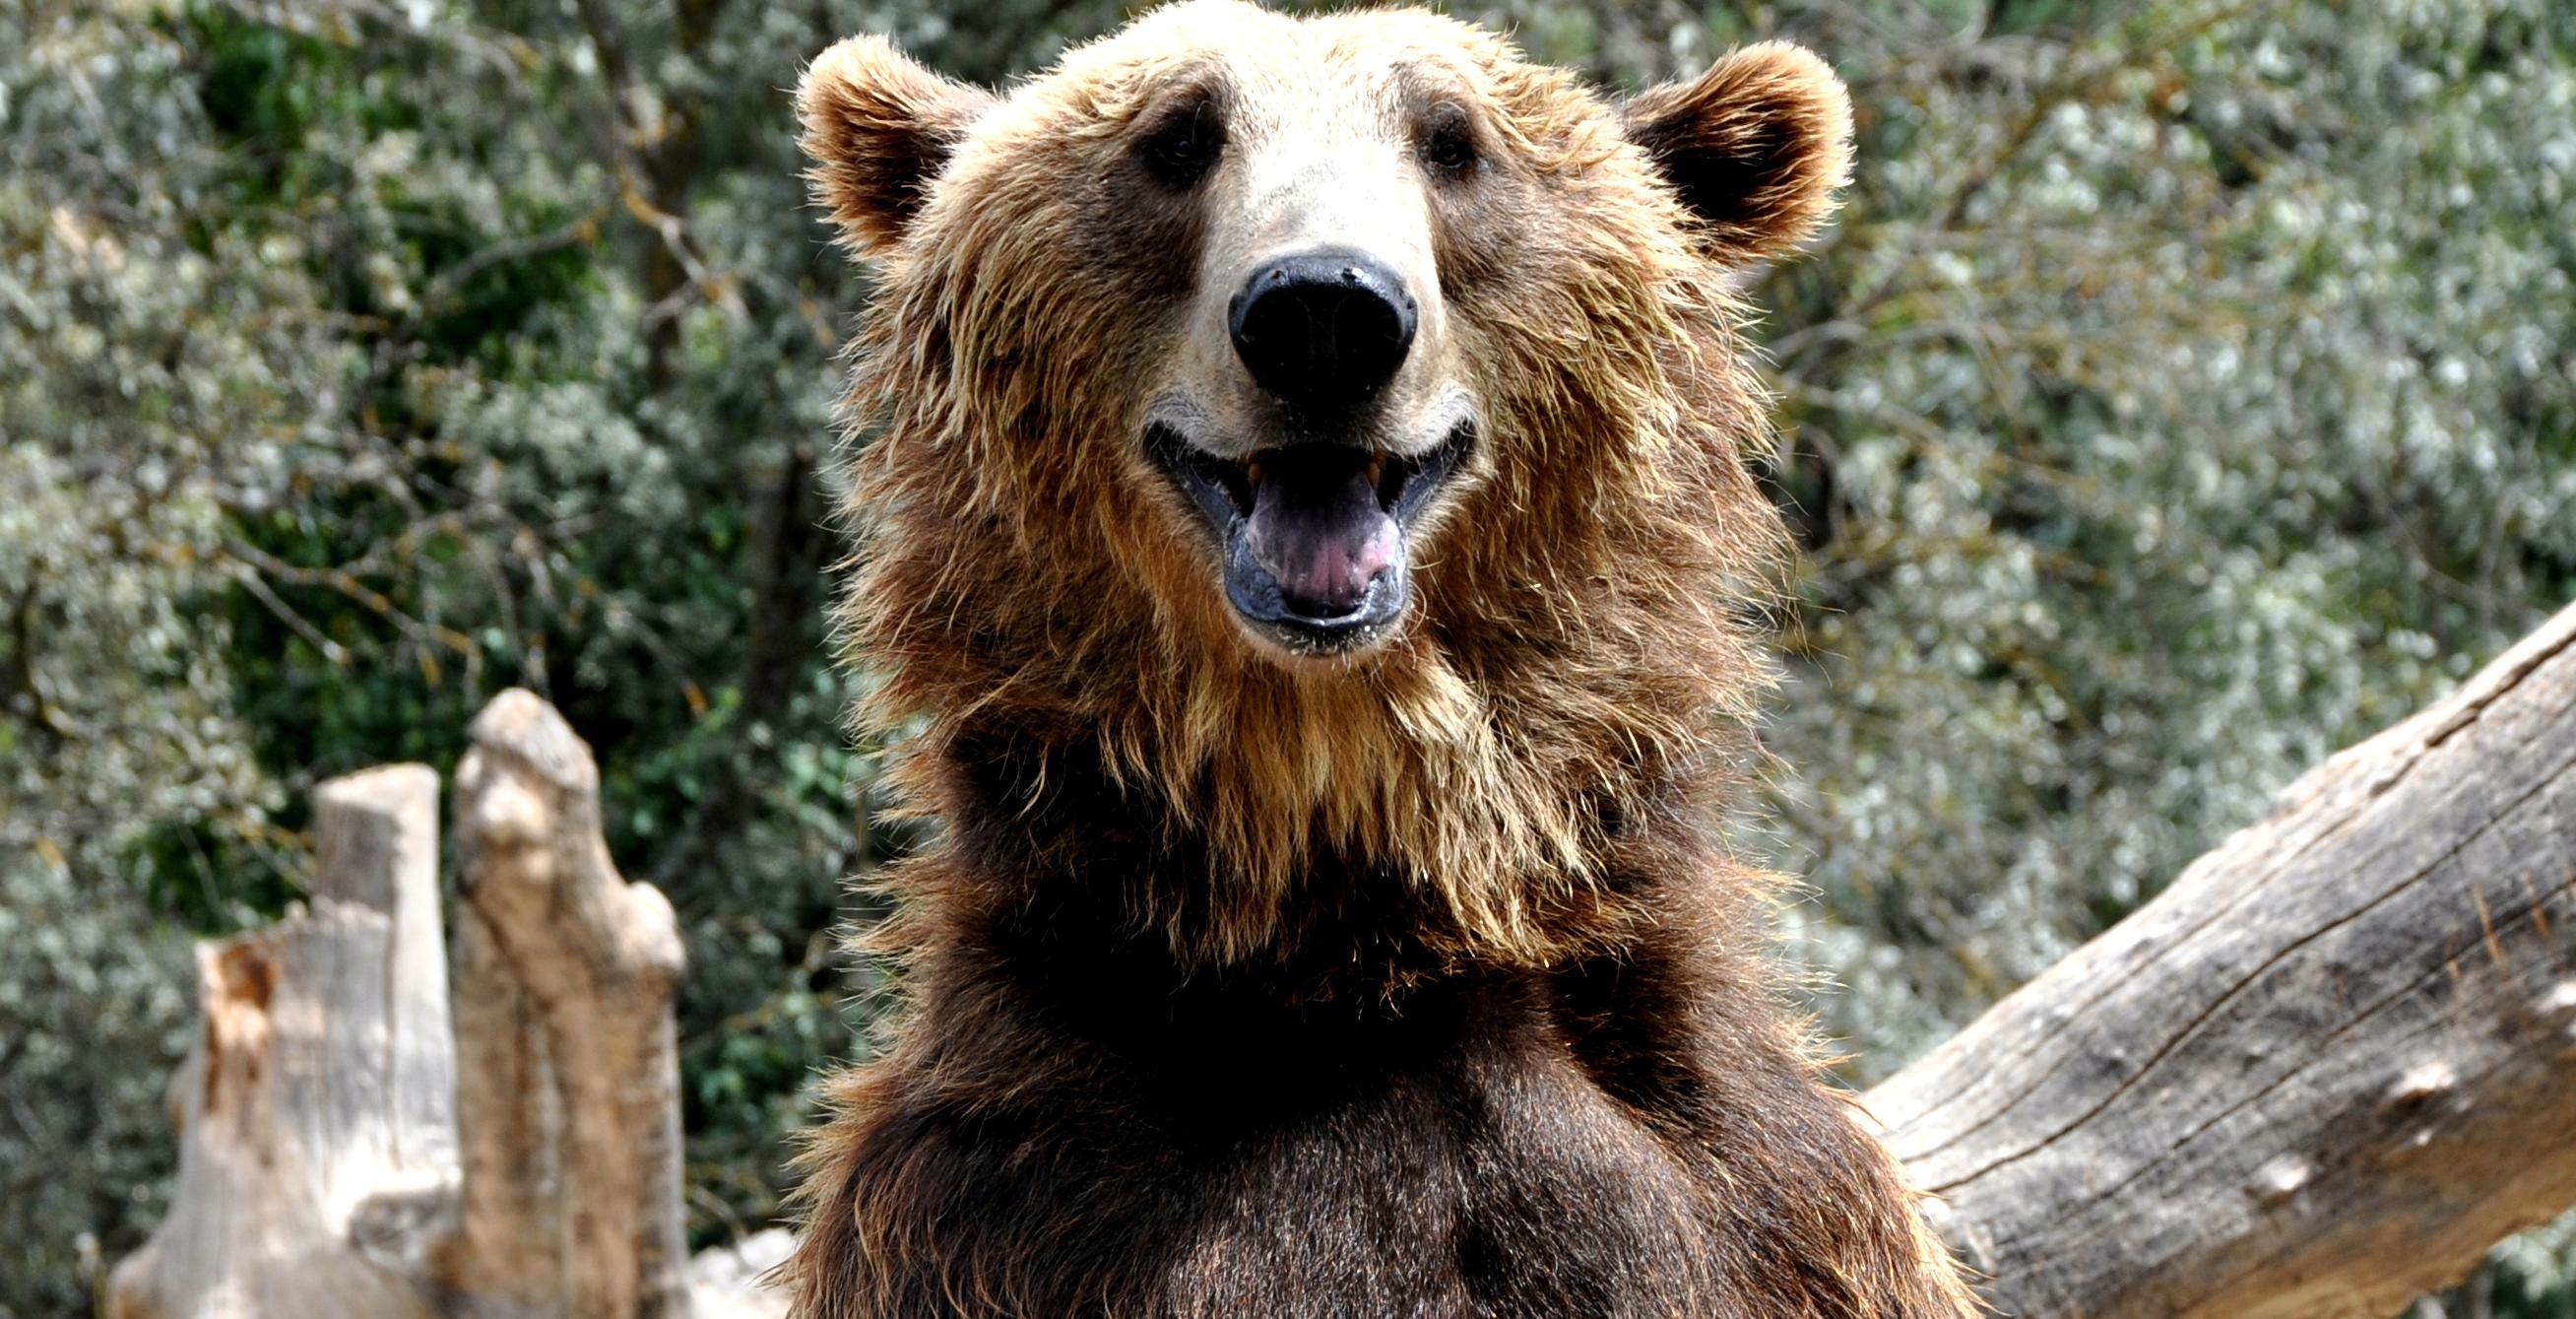 Az orosz medvének tesz hűségesküt egy publicisztikában a Nemzeti Sport gyerekveréspárti publicistája